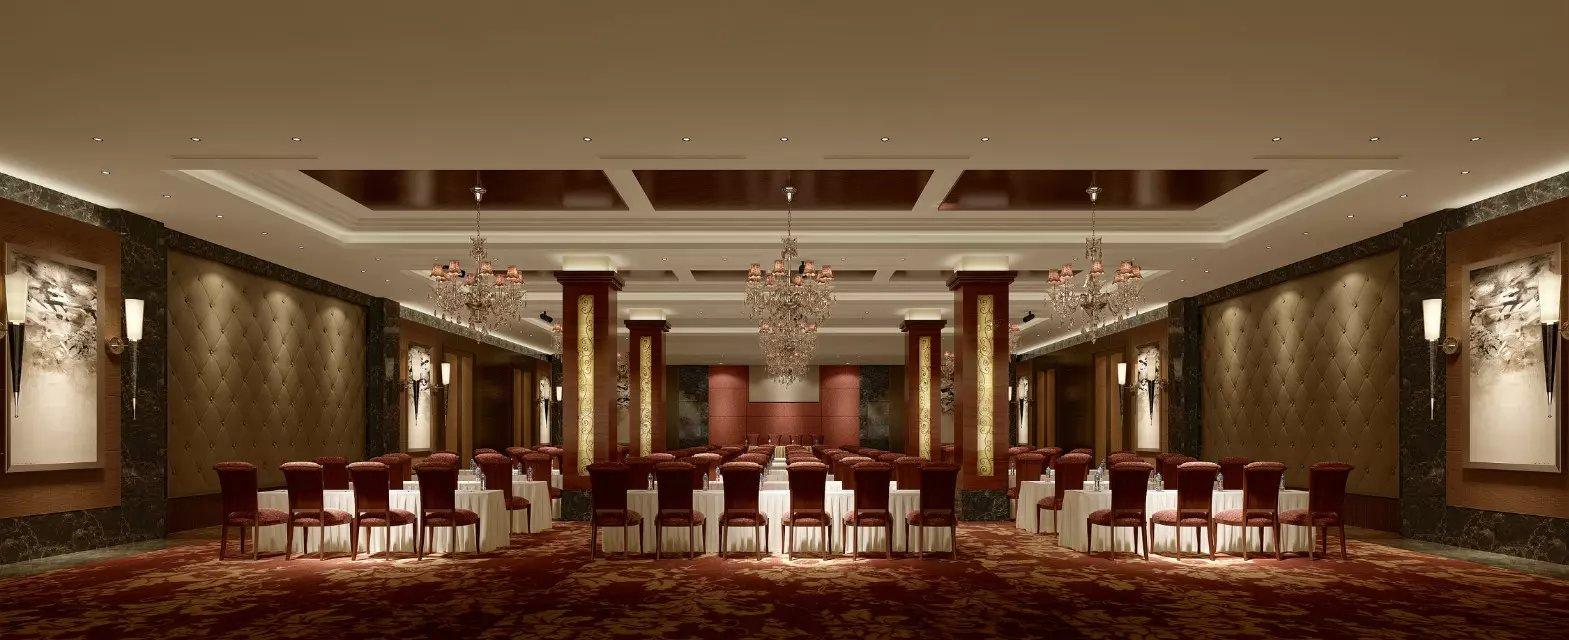 酒店会议厅设计效果图图片